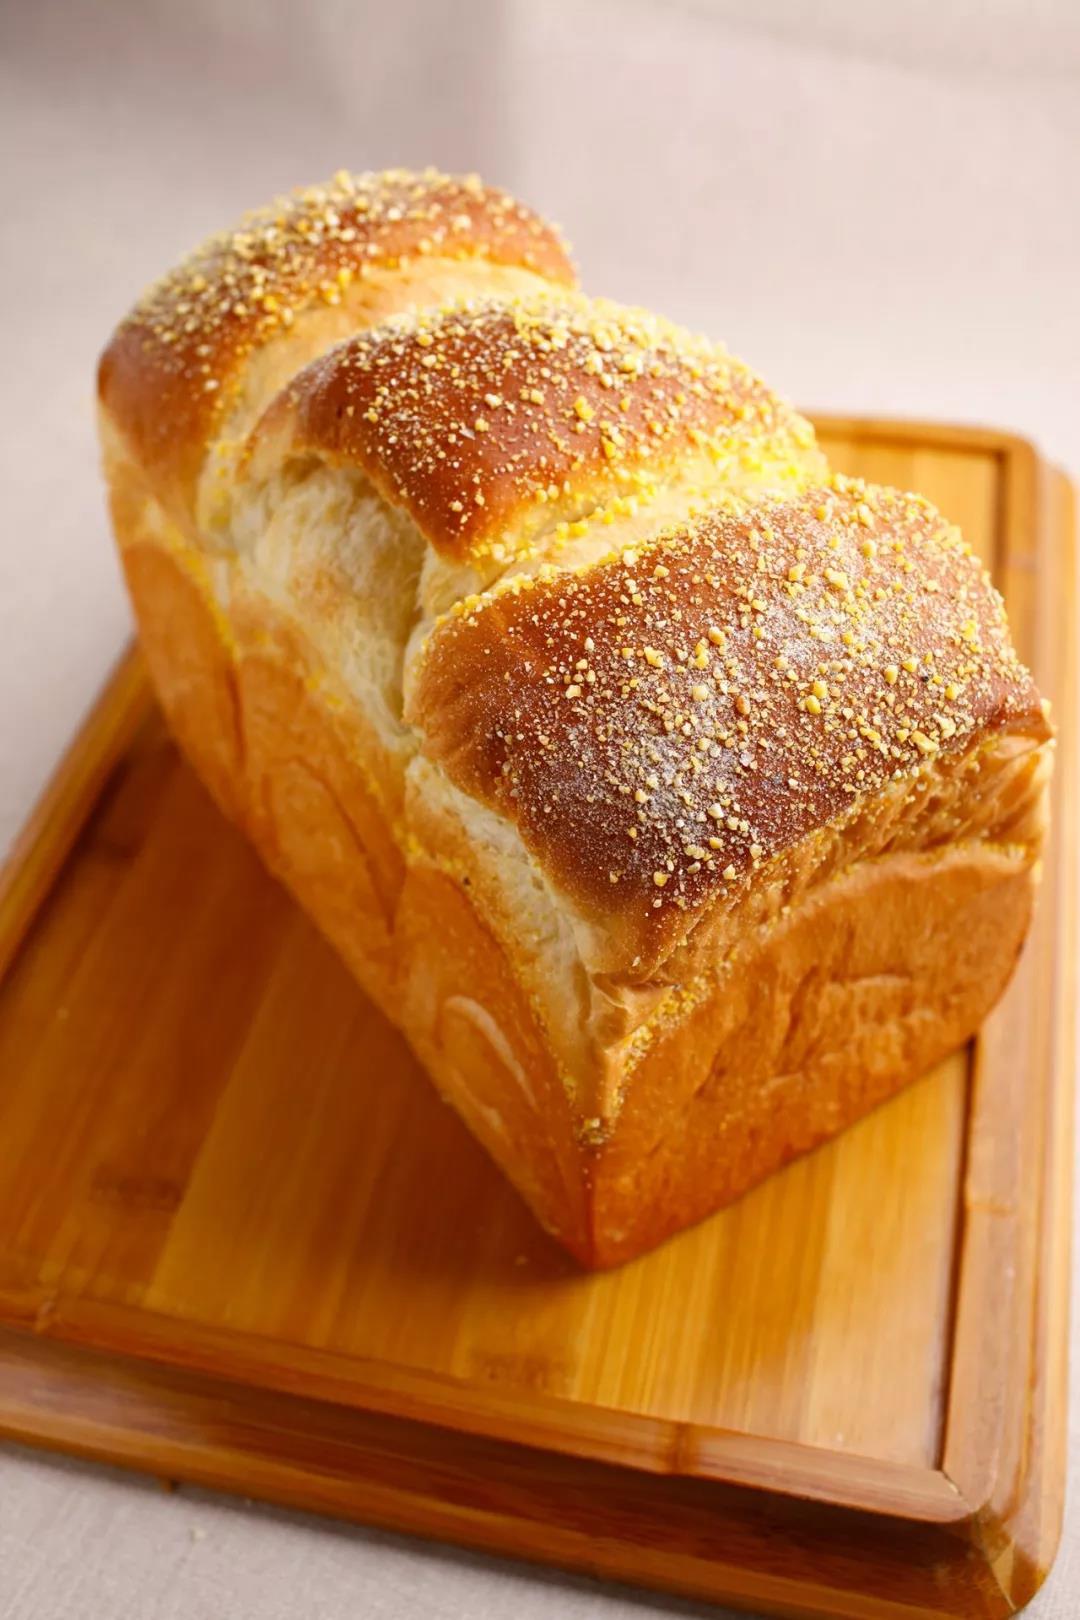 深圳西点学校教你做鲜奶面包